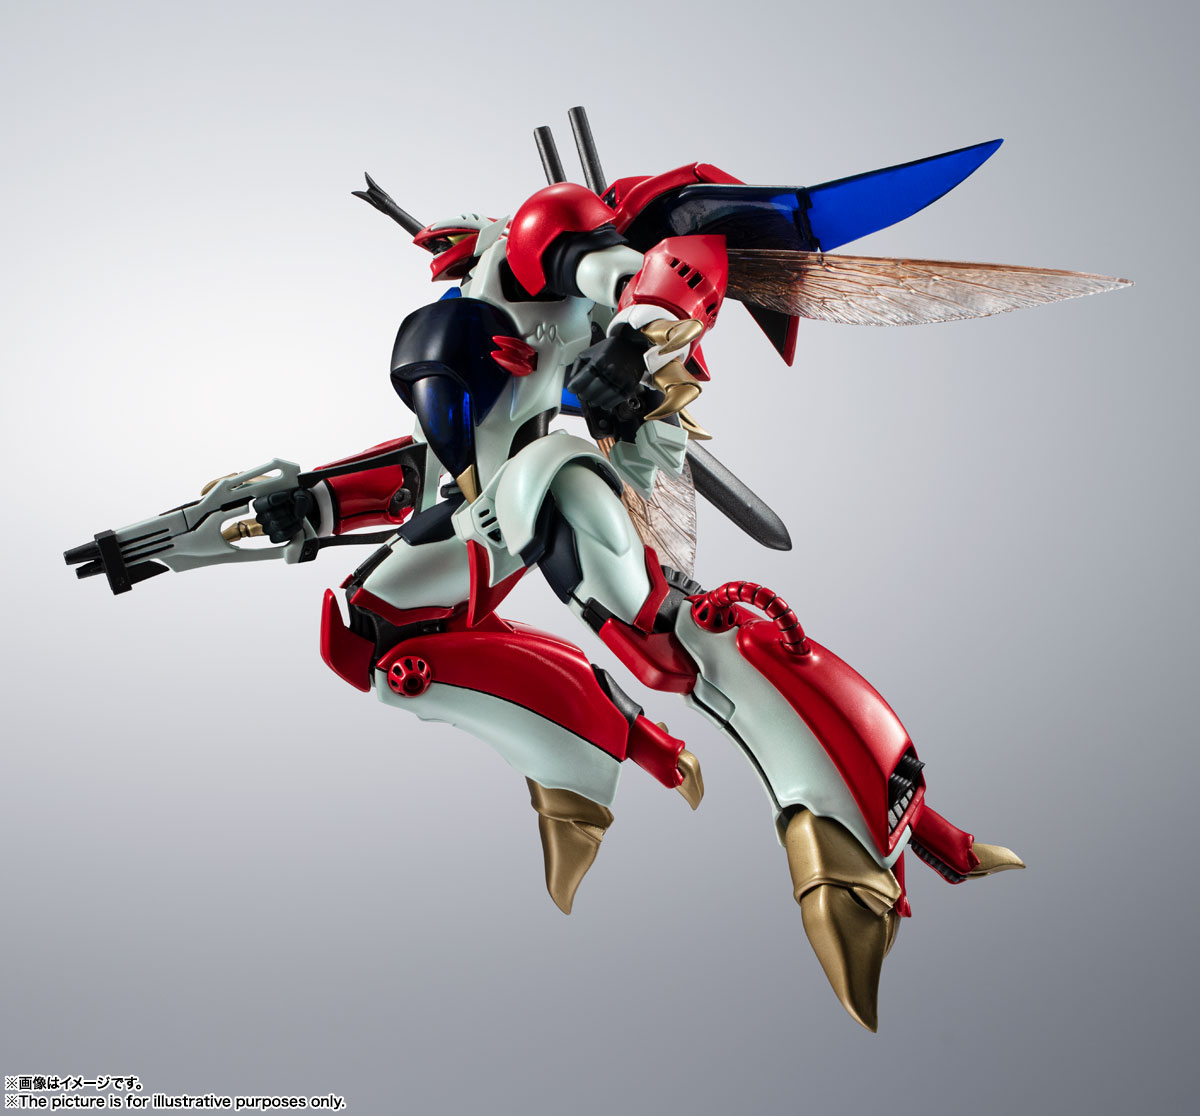 METAL ROBOT魂〈SIDE AB〉『ビルバイン』聖戦士ダンバイン 可変可動フィギュア-001